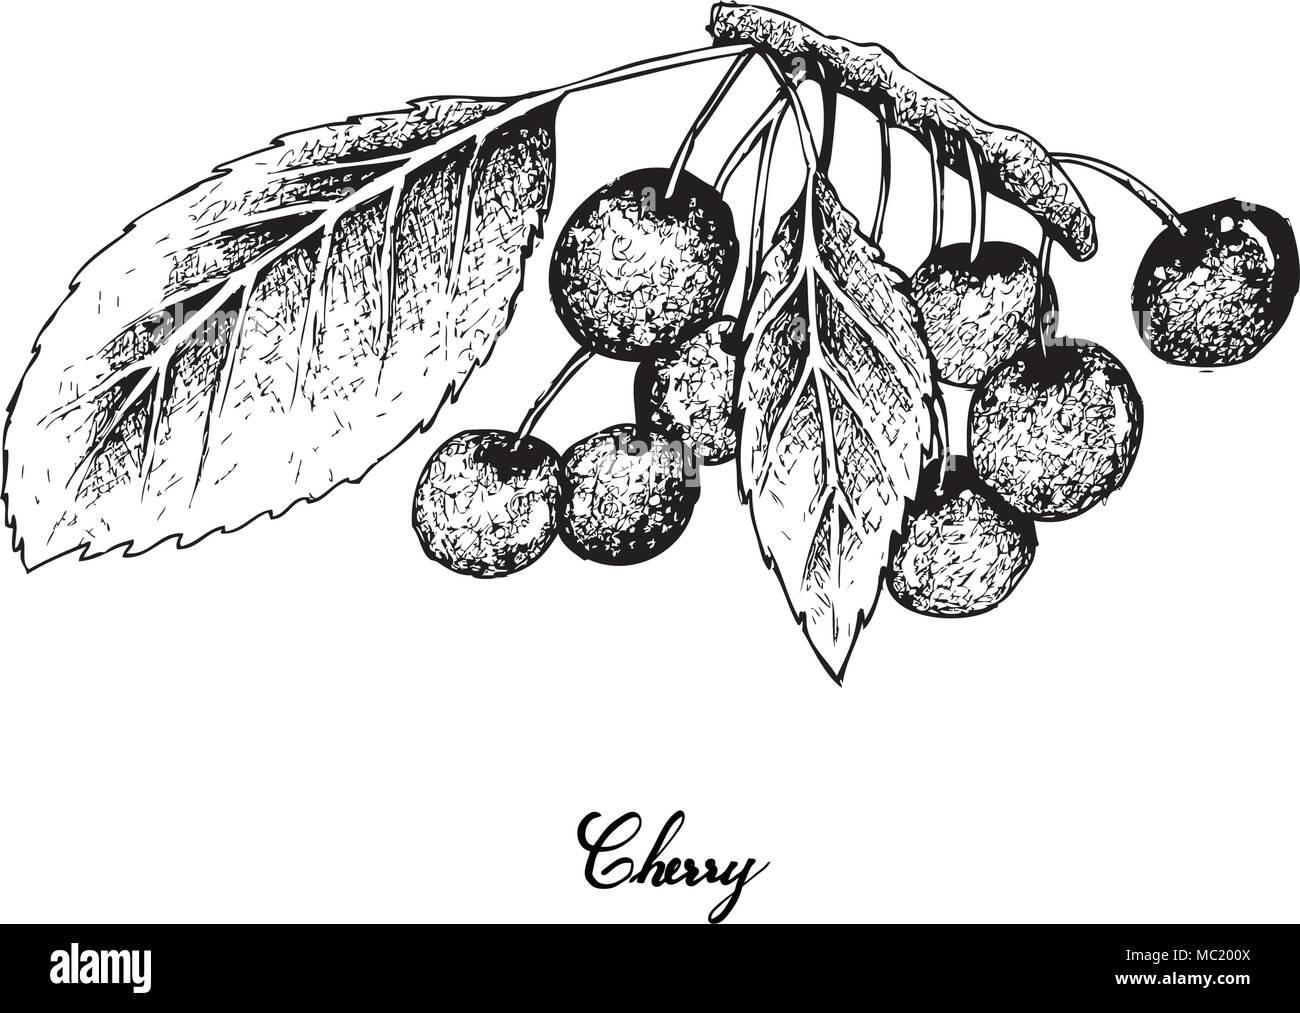 Tropische Früchte Illustration Von Hand Gezeichnete Skizze Frische